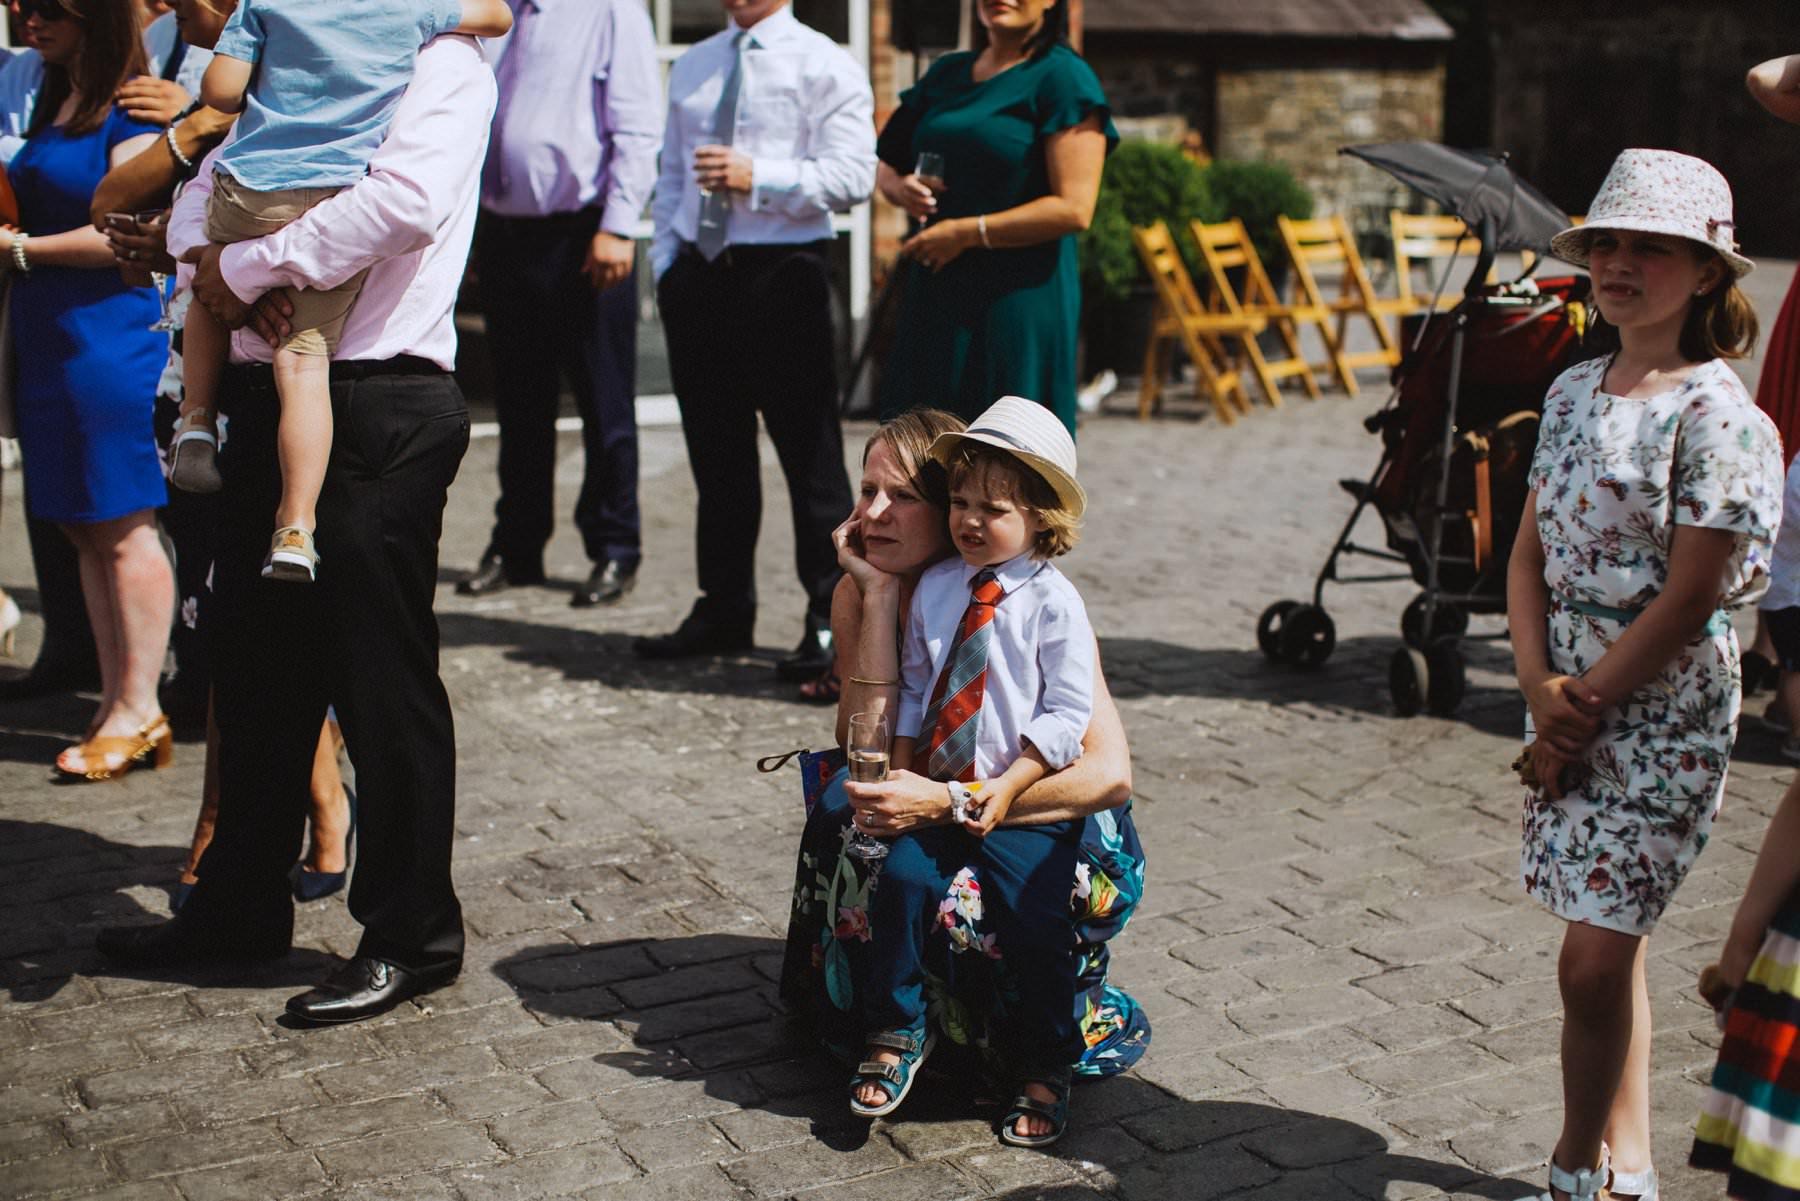 cute kids at weddings northern ireland